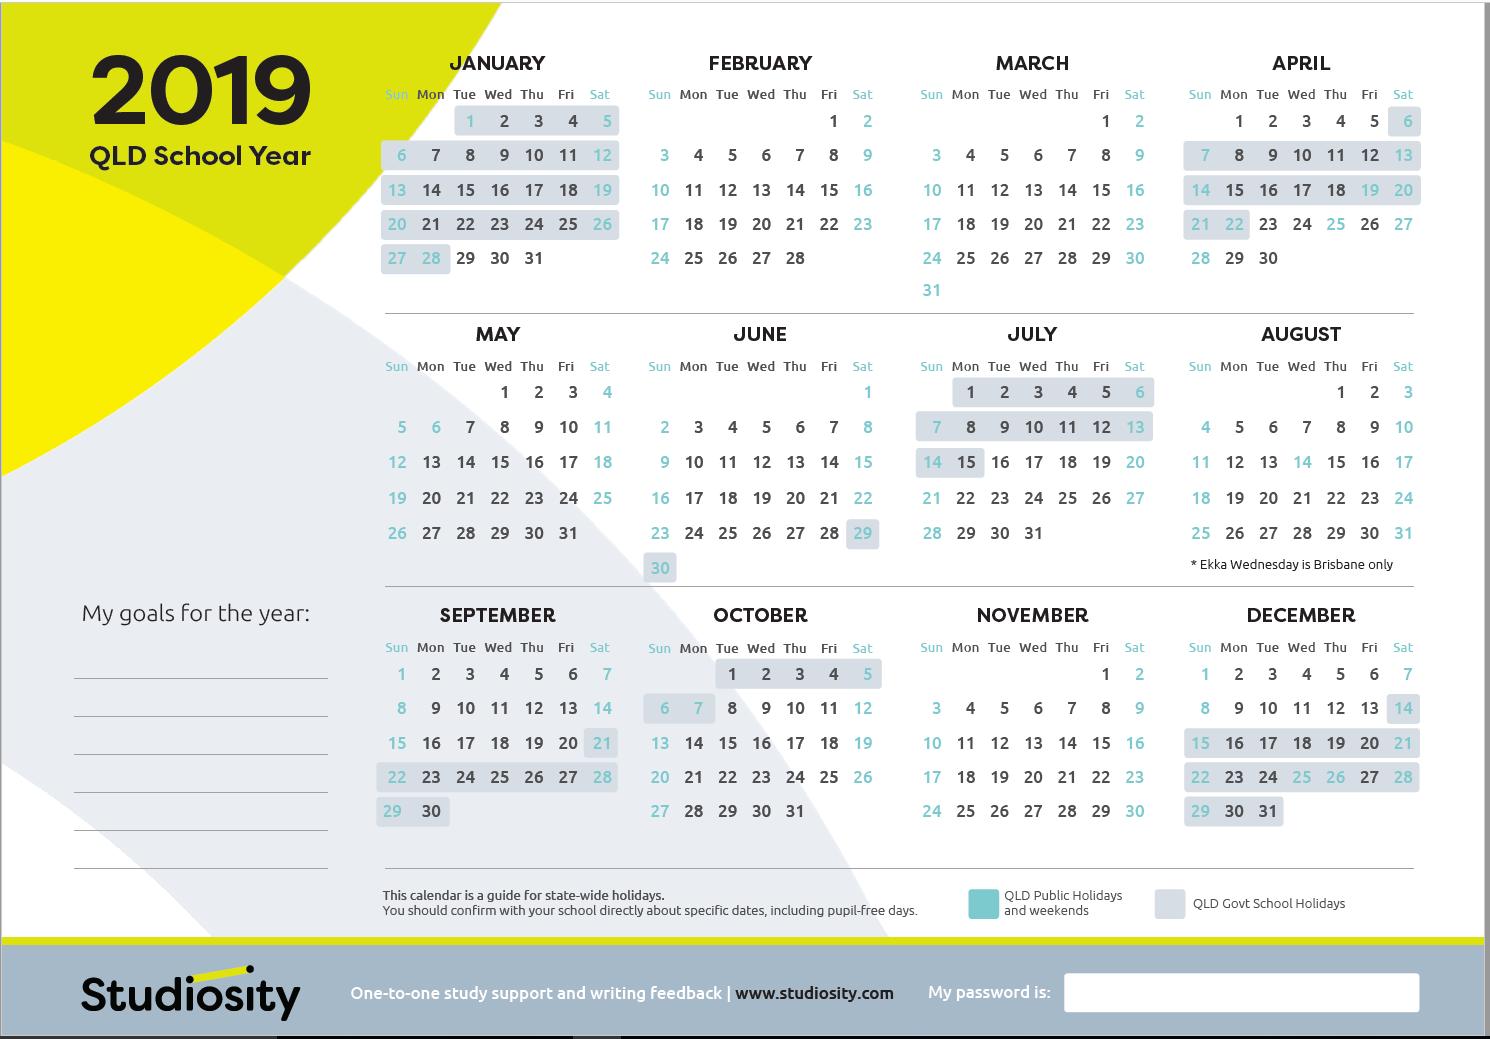 2019 school calendar qld pdf